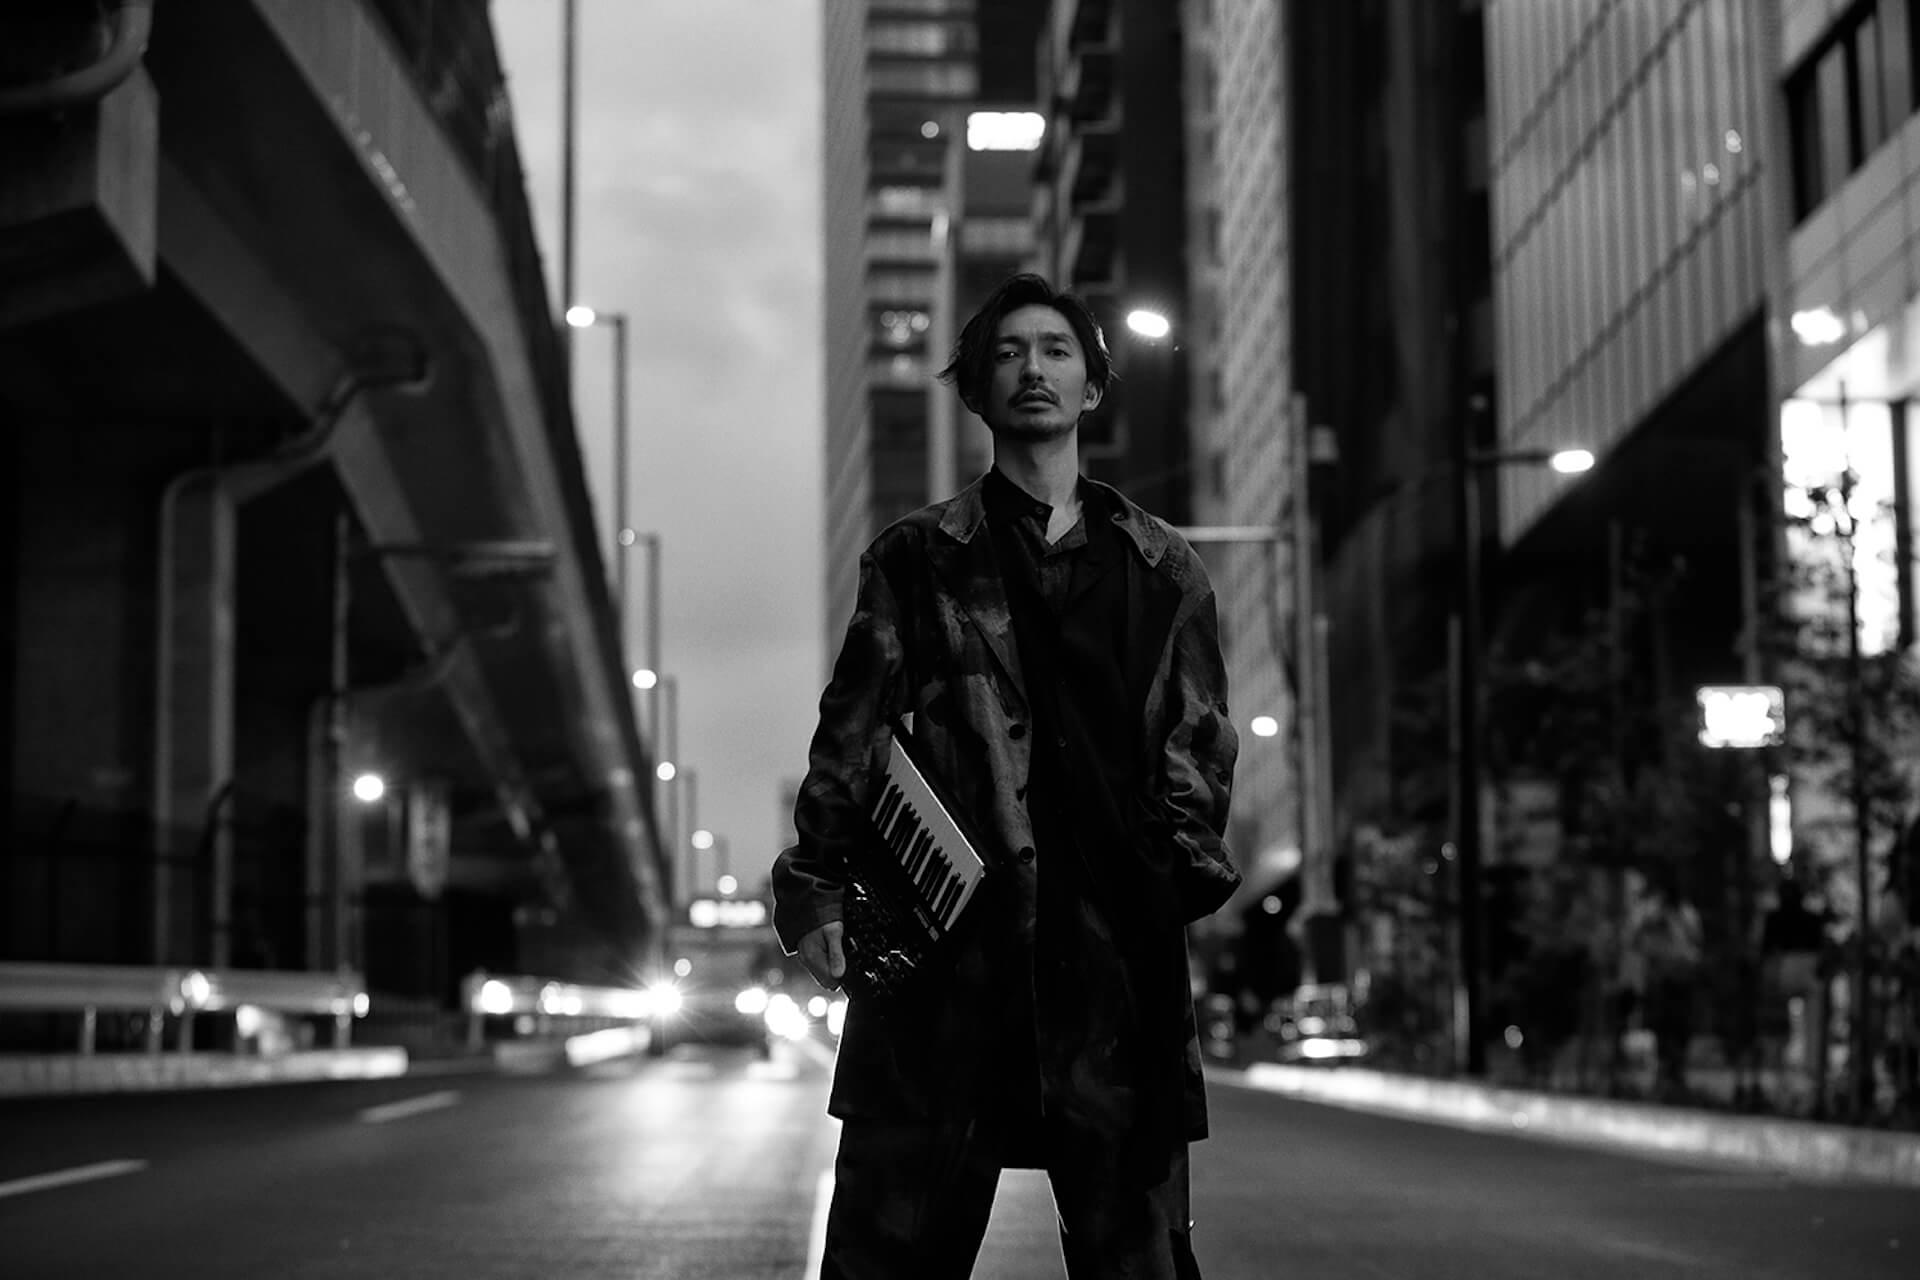 BIGYUKIのニューアルバム『Neon Chapter』が本日リリース!Arto Lindsay、ハトリミホらが参加 music211013_bigyuki_2